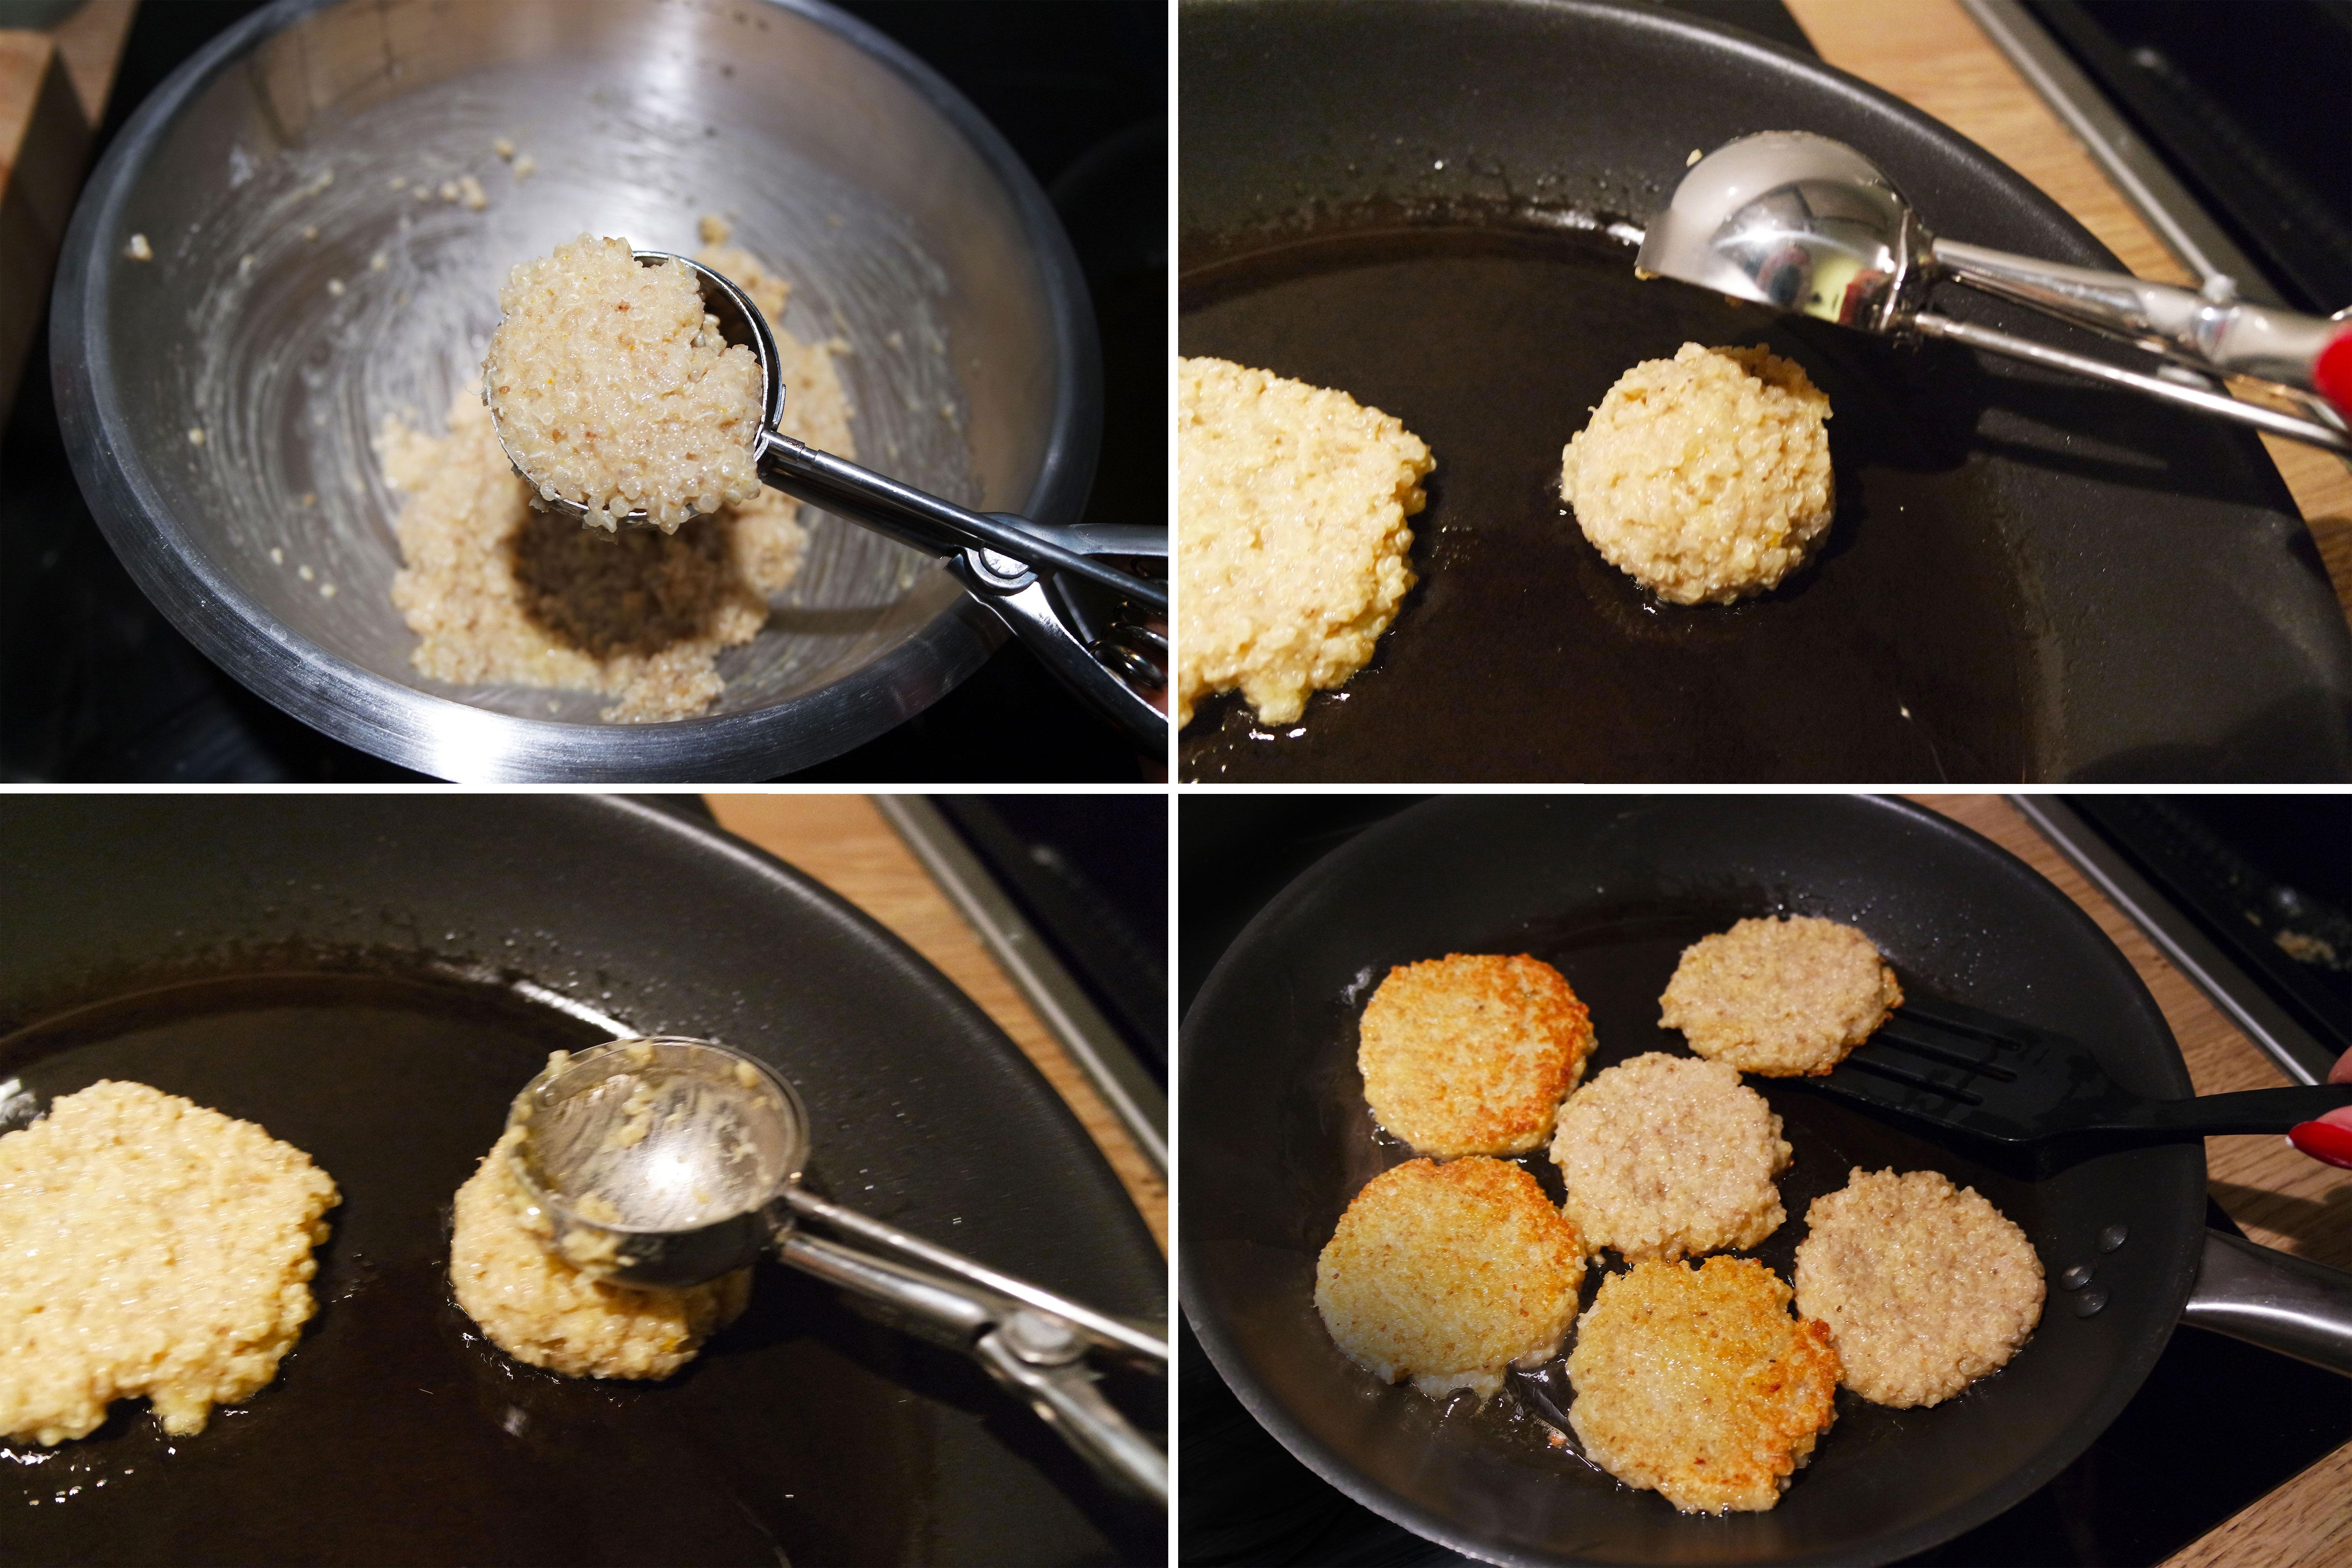 recette-facile-galette-quinoa-light-rapide-saumon-philadelphia-régime-blog-belge-curry-étapes